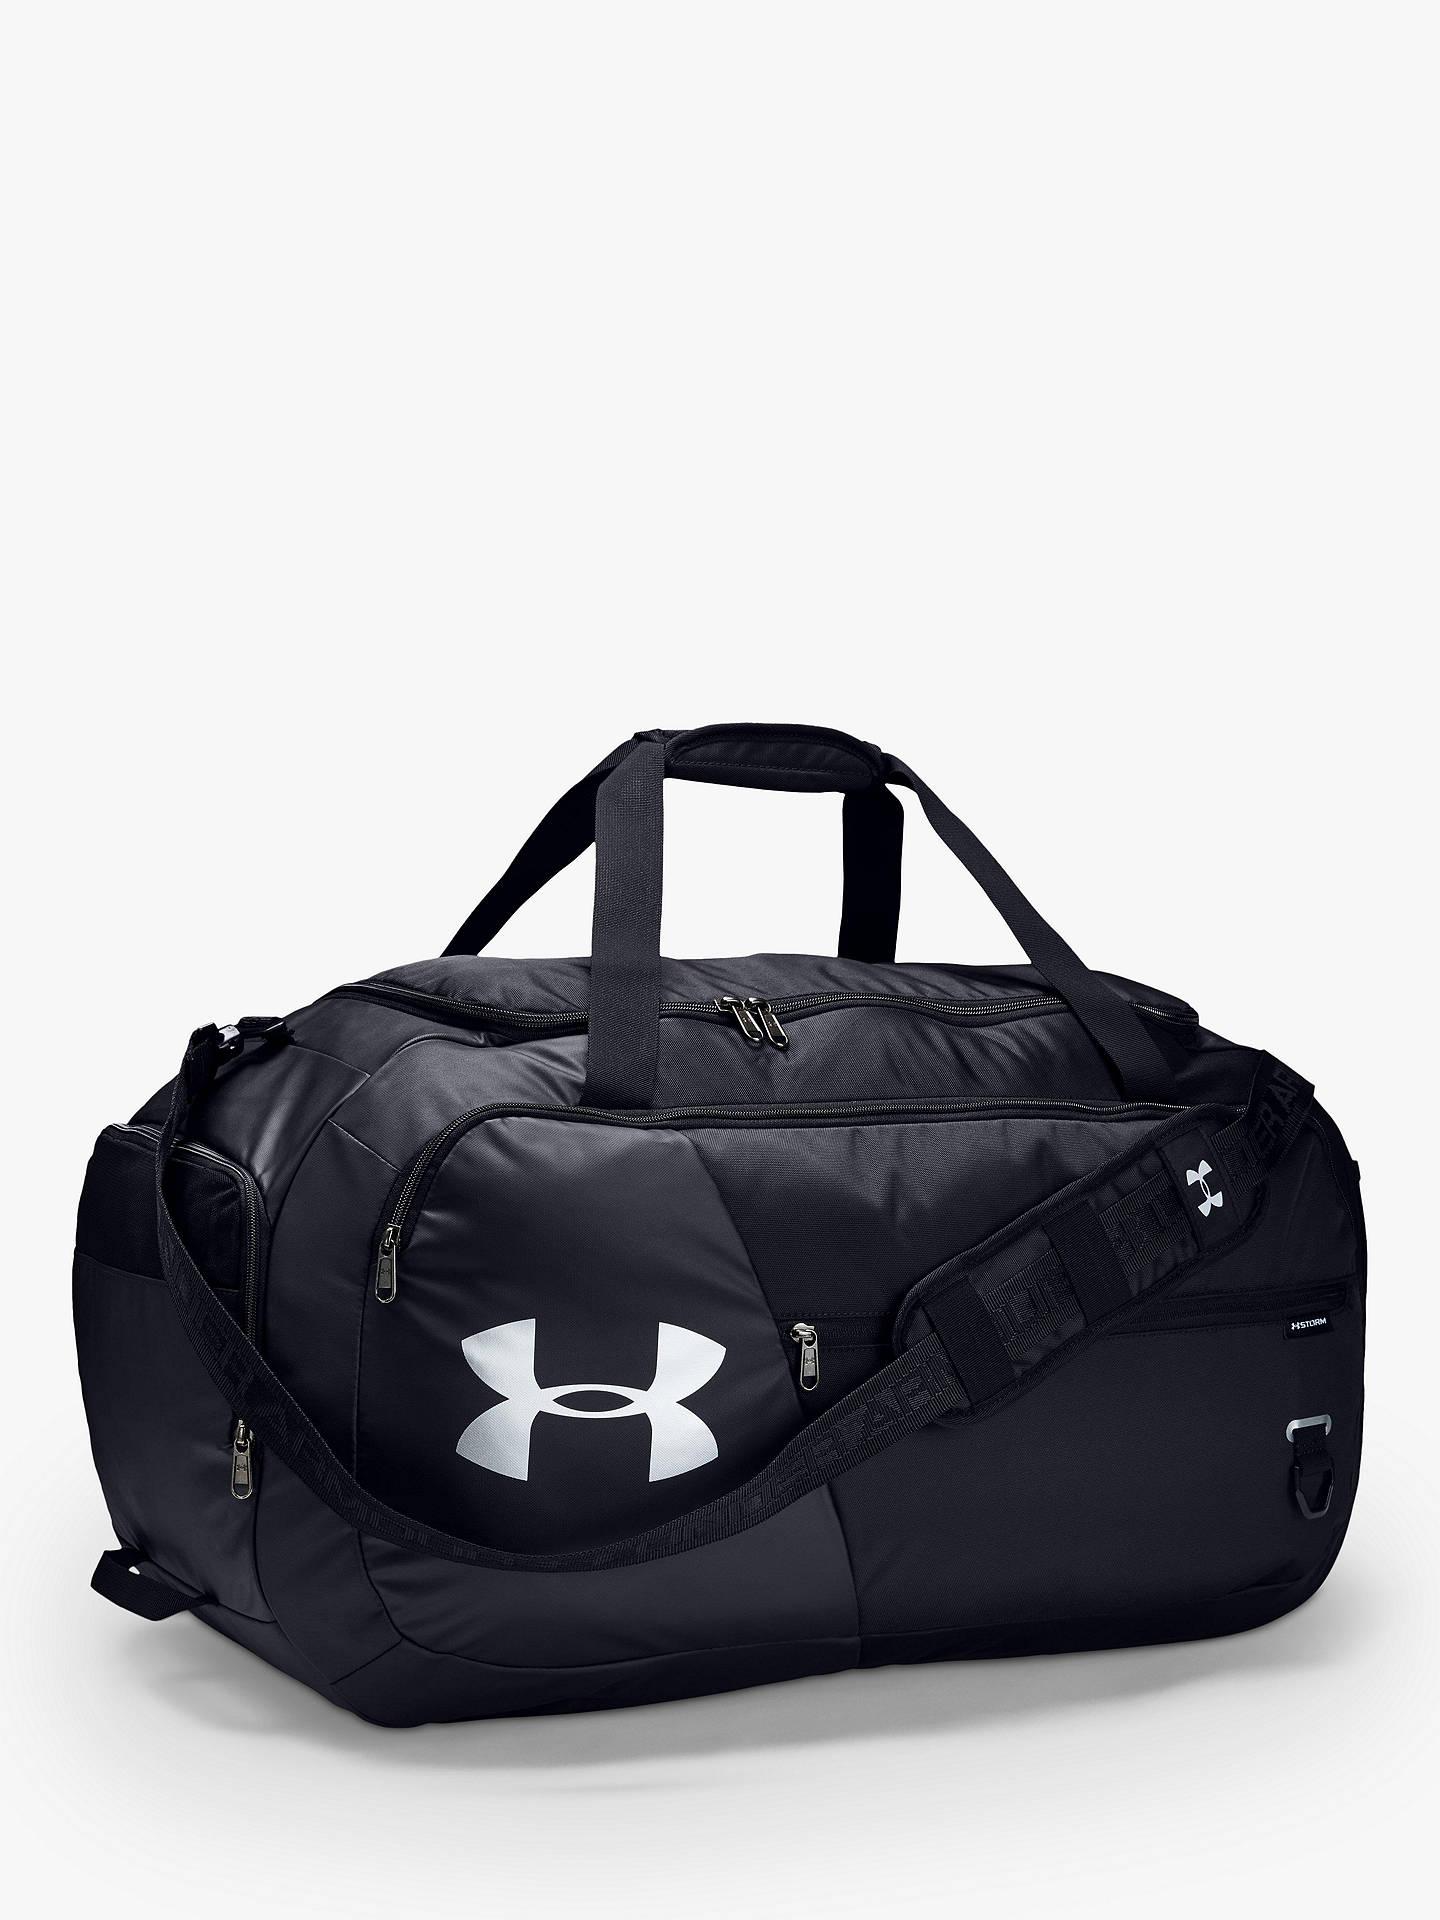 135ec954b77e Under Armour Undeniable 3.0 Duffel Bag, Large, Black